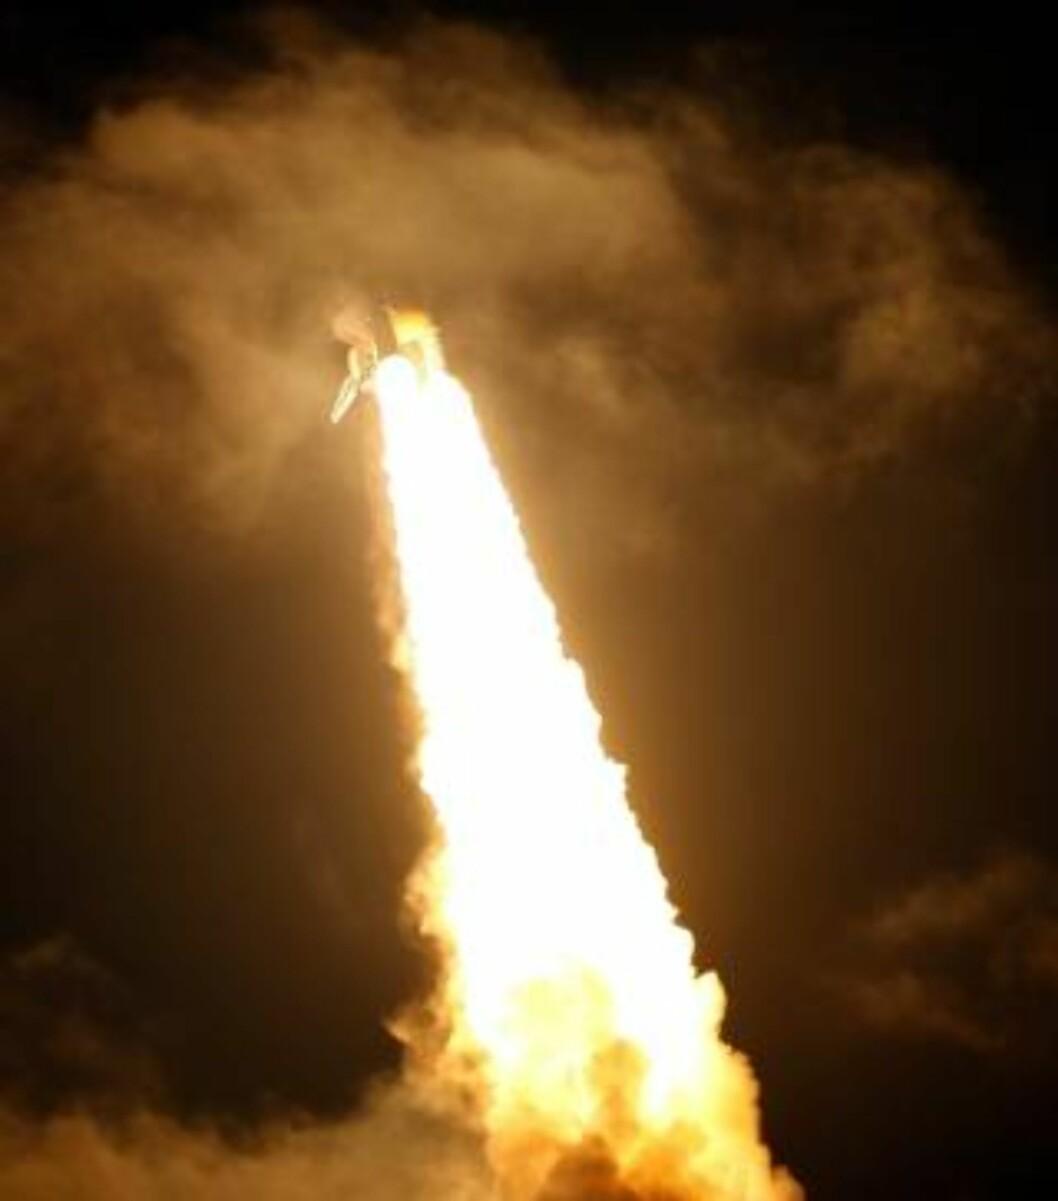 PÅ VEI... med sju personer om bord. Discovery ble omsider skutt opp i rommet. Foto: Scanpix/EPA/GARY I ROTHSTEIN